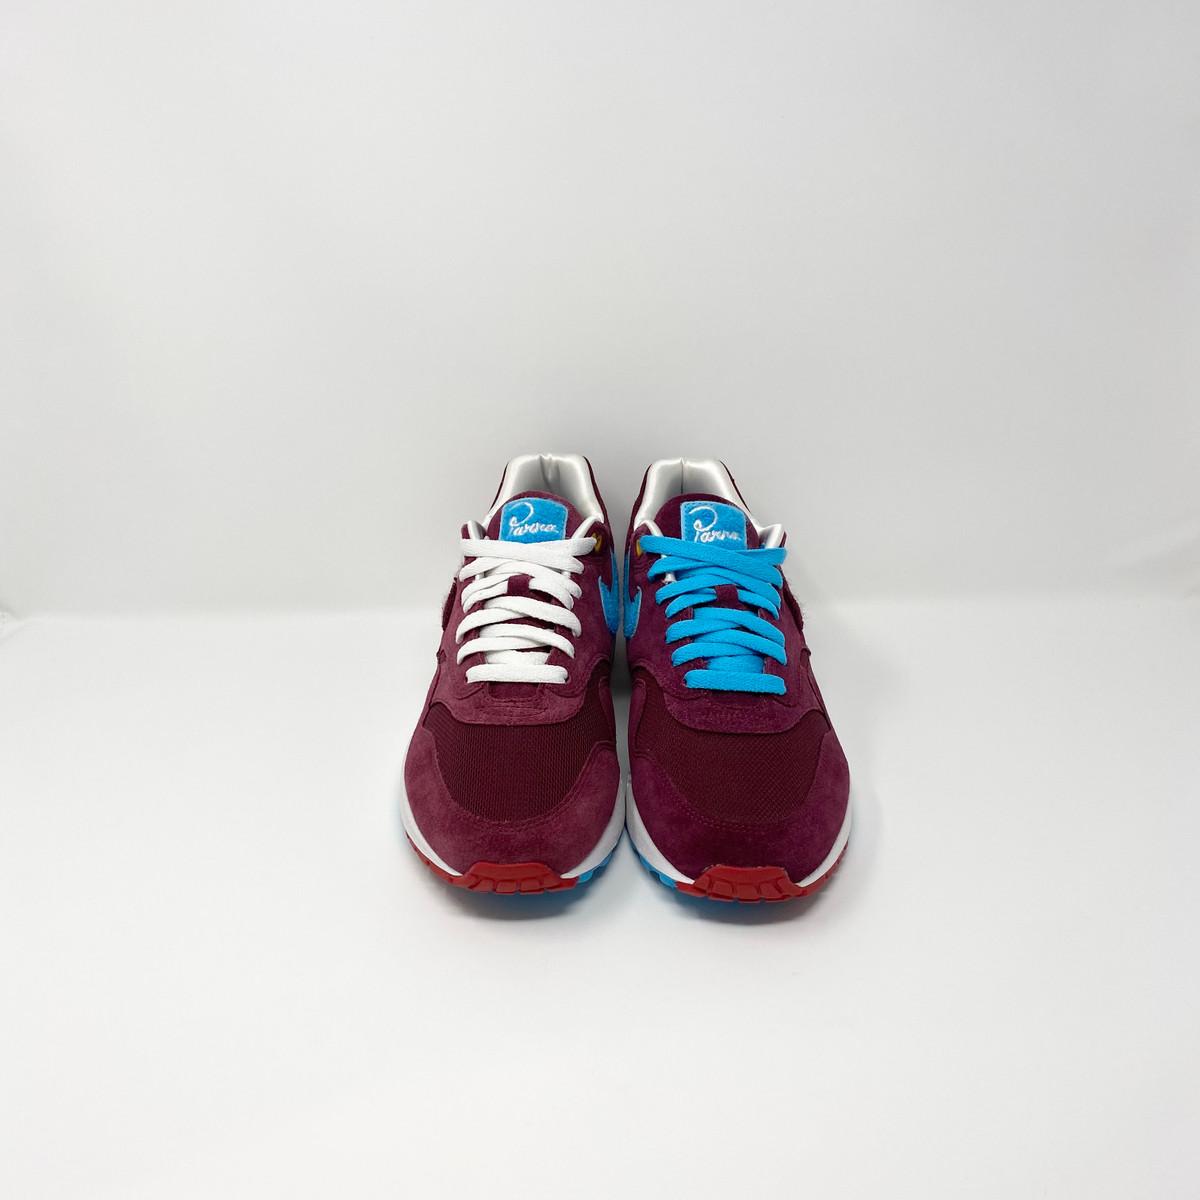 Nike Air Max 1 Cherrywood Patta Parra